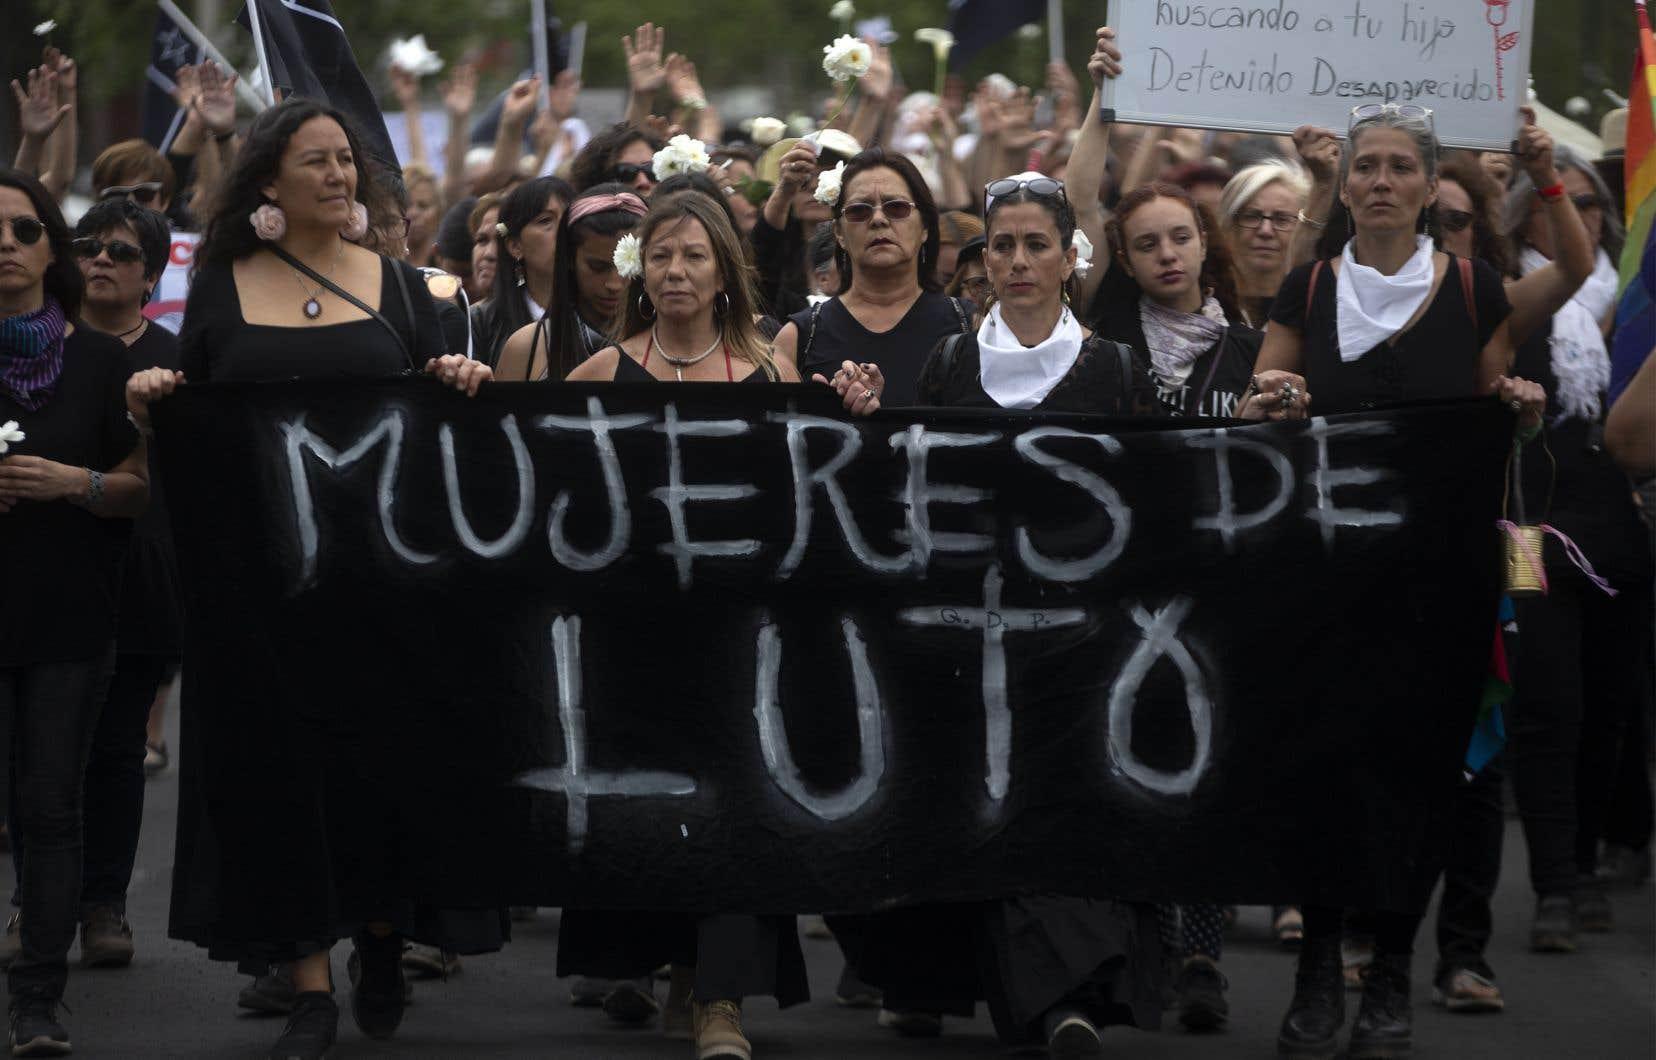 Plus d'un millier de femmes ont défilé dans les rues de Santiago pour rendre hommage aux personnes décédées dans la vague de contestation sociale qui secoue le pays depuis deux semaines.